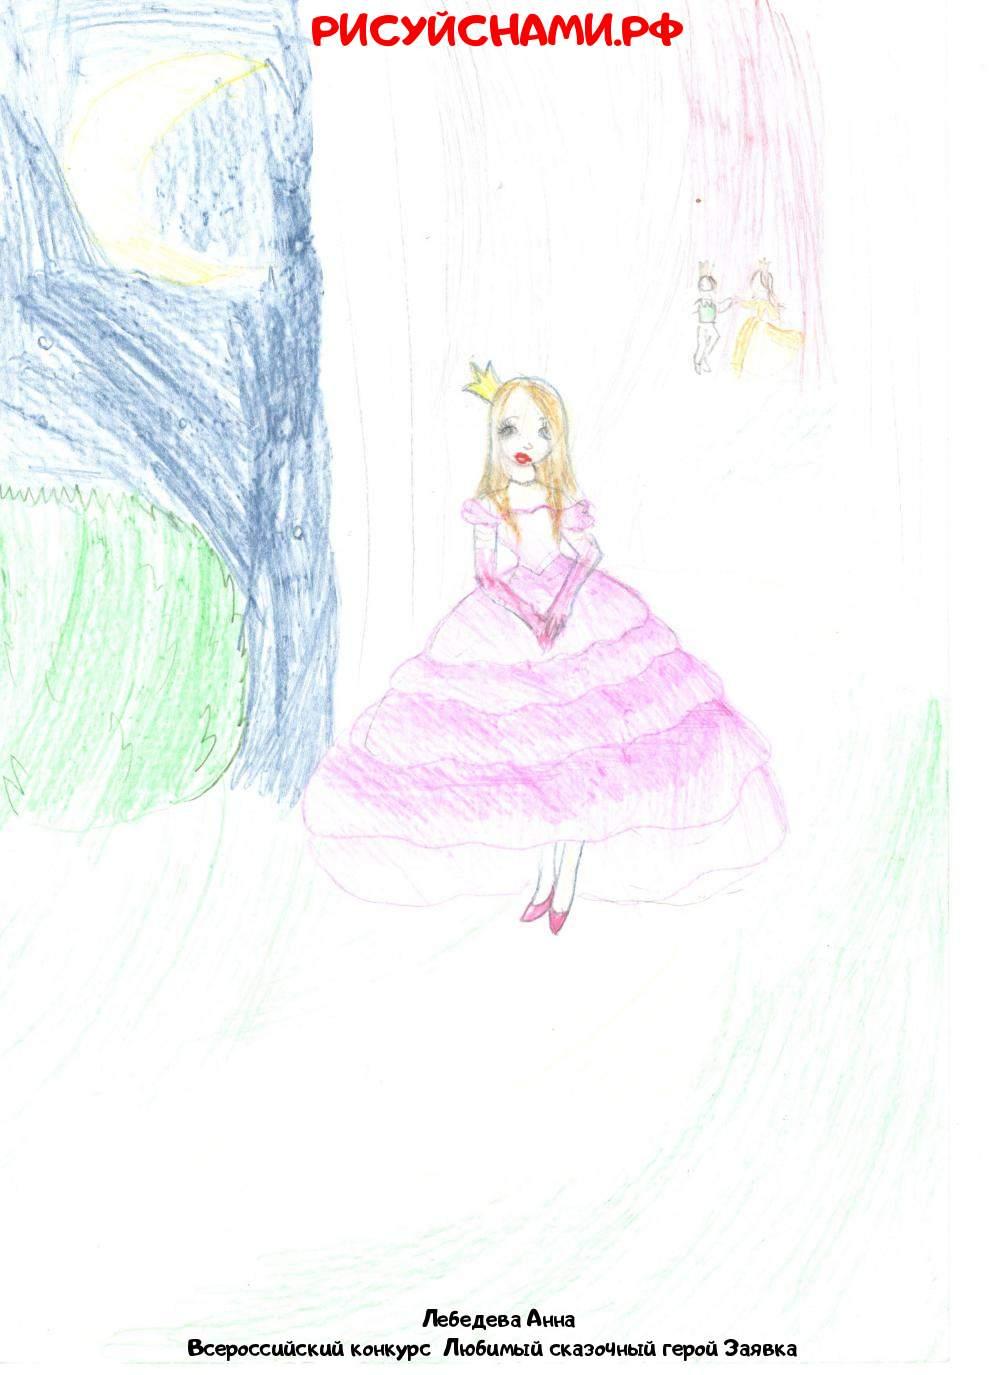 Всероссийский конкурс  Любимый сказочный герой Заявка 10246  творческие конкурсы рисунков для школьников и дошкольников рисуй с нами #тмрисуйснами рисунок и поделка - Лебедева Анна